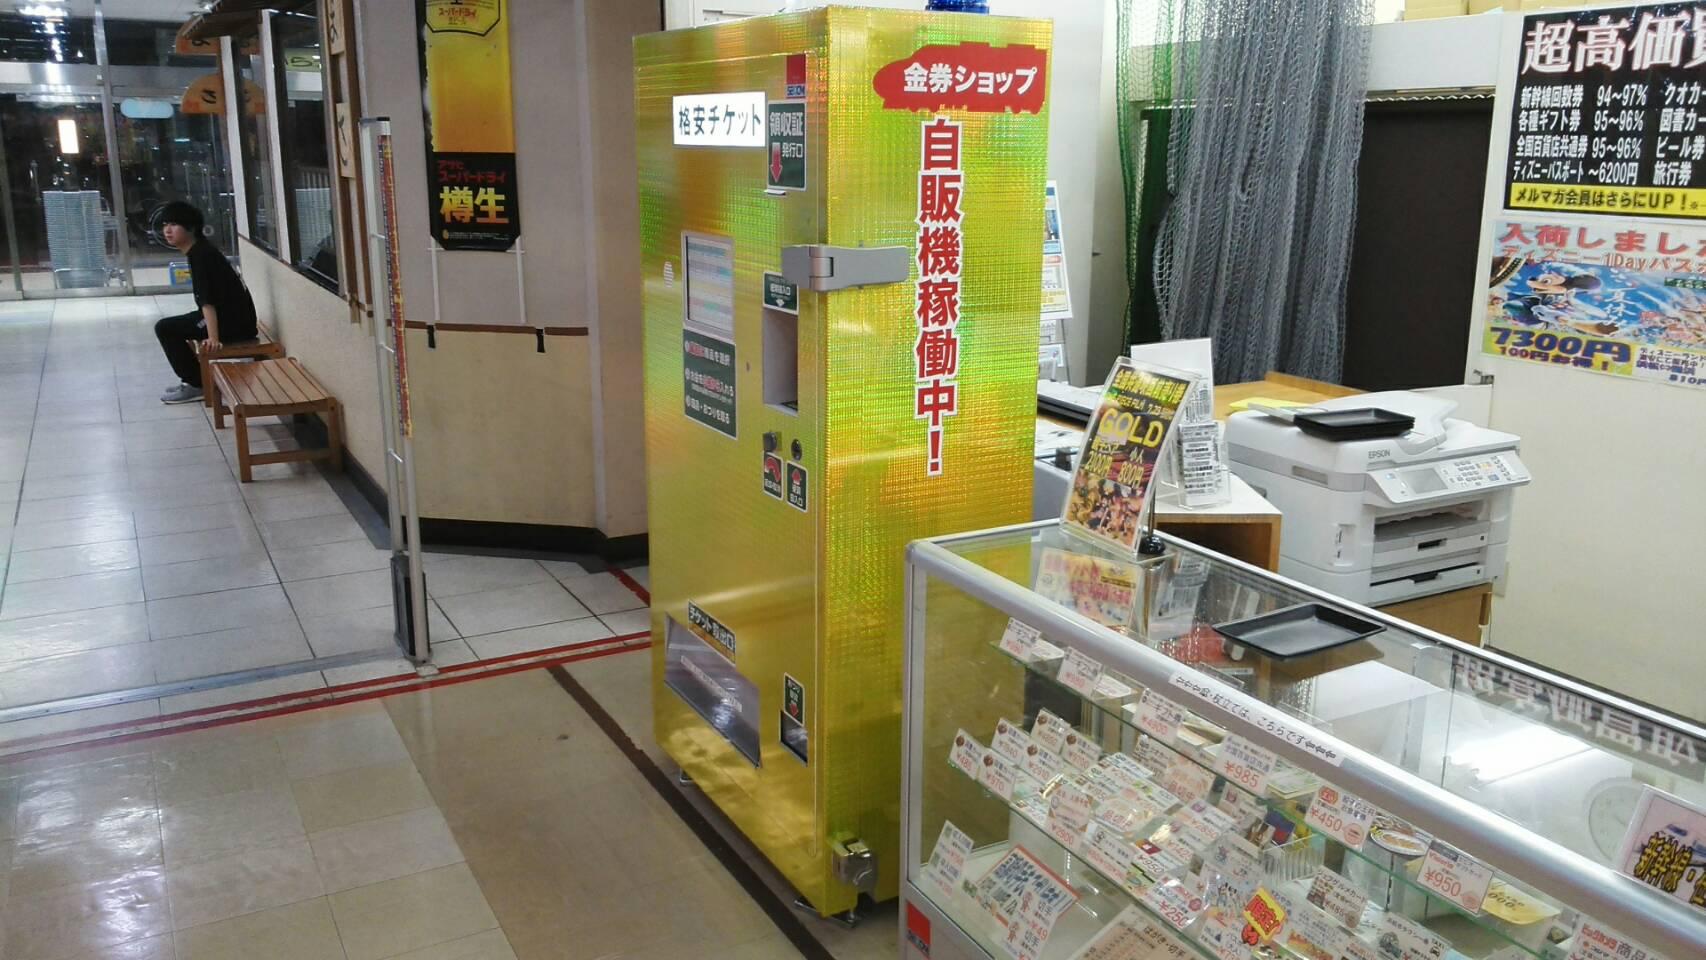 ドンキ金券自動販売機右側